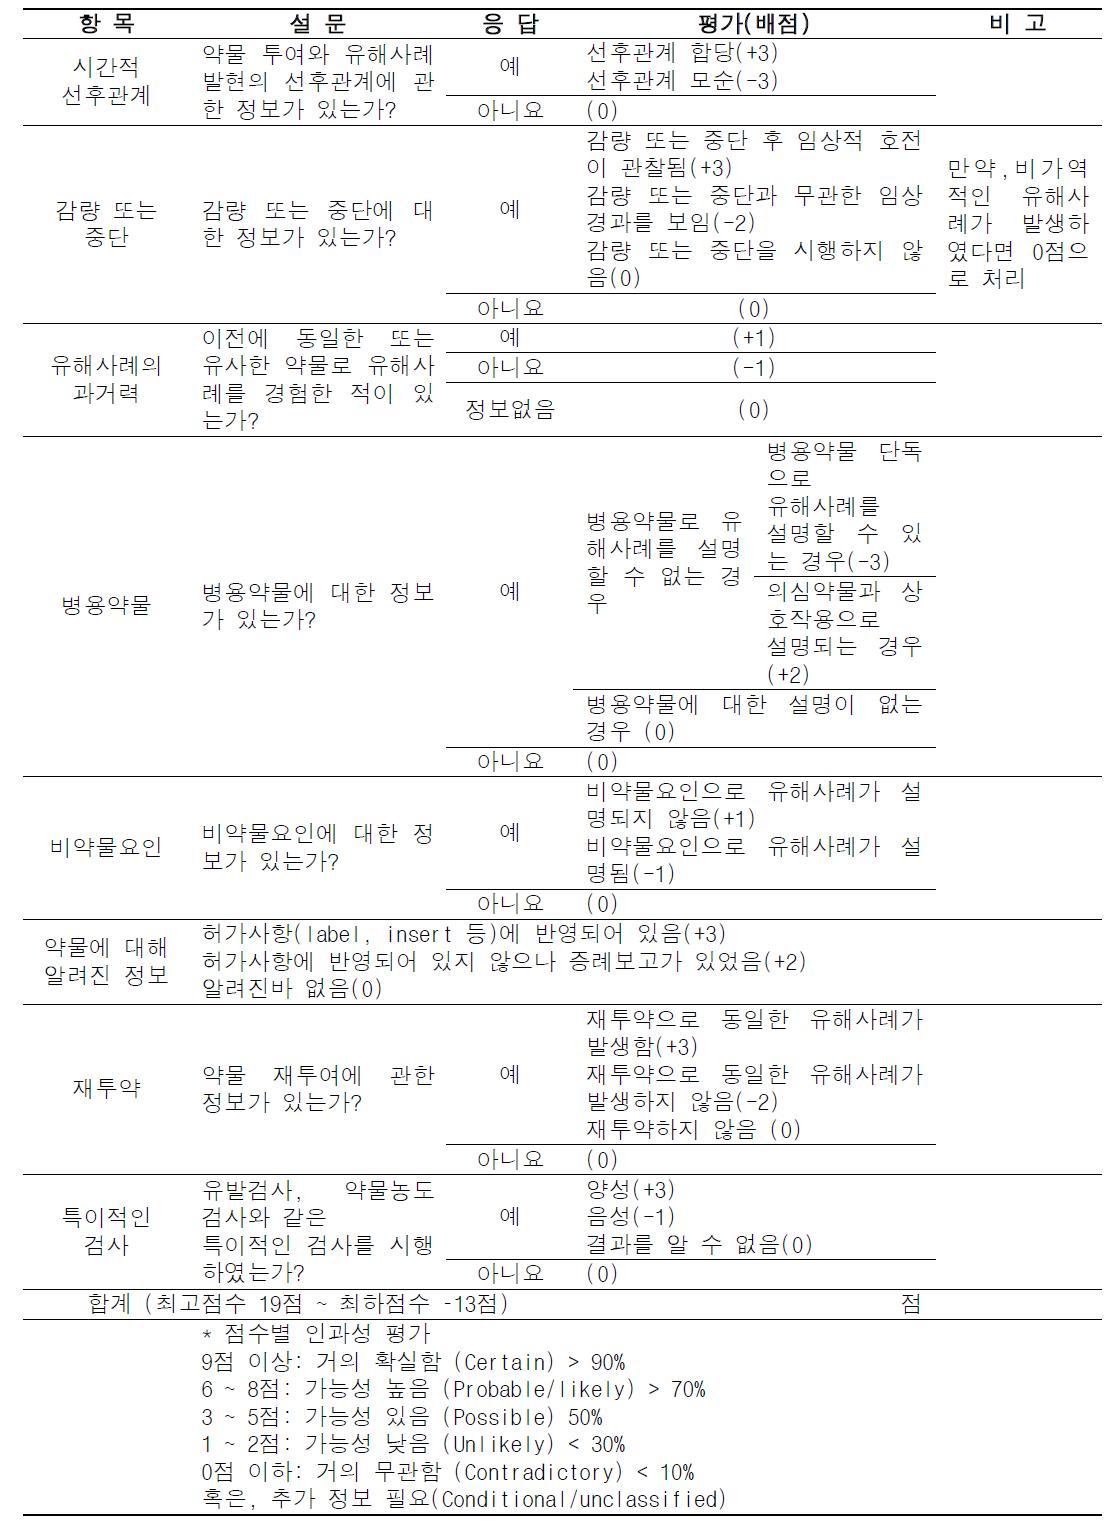 한국형 알고리즘(version 2.0)